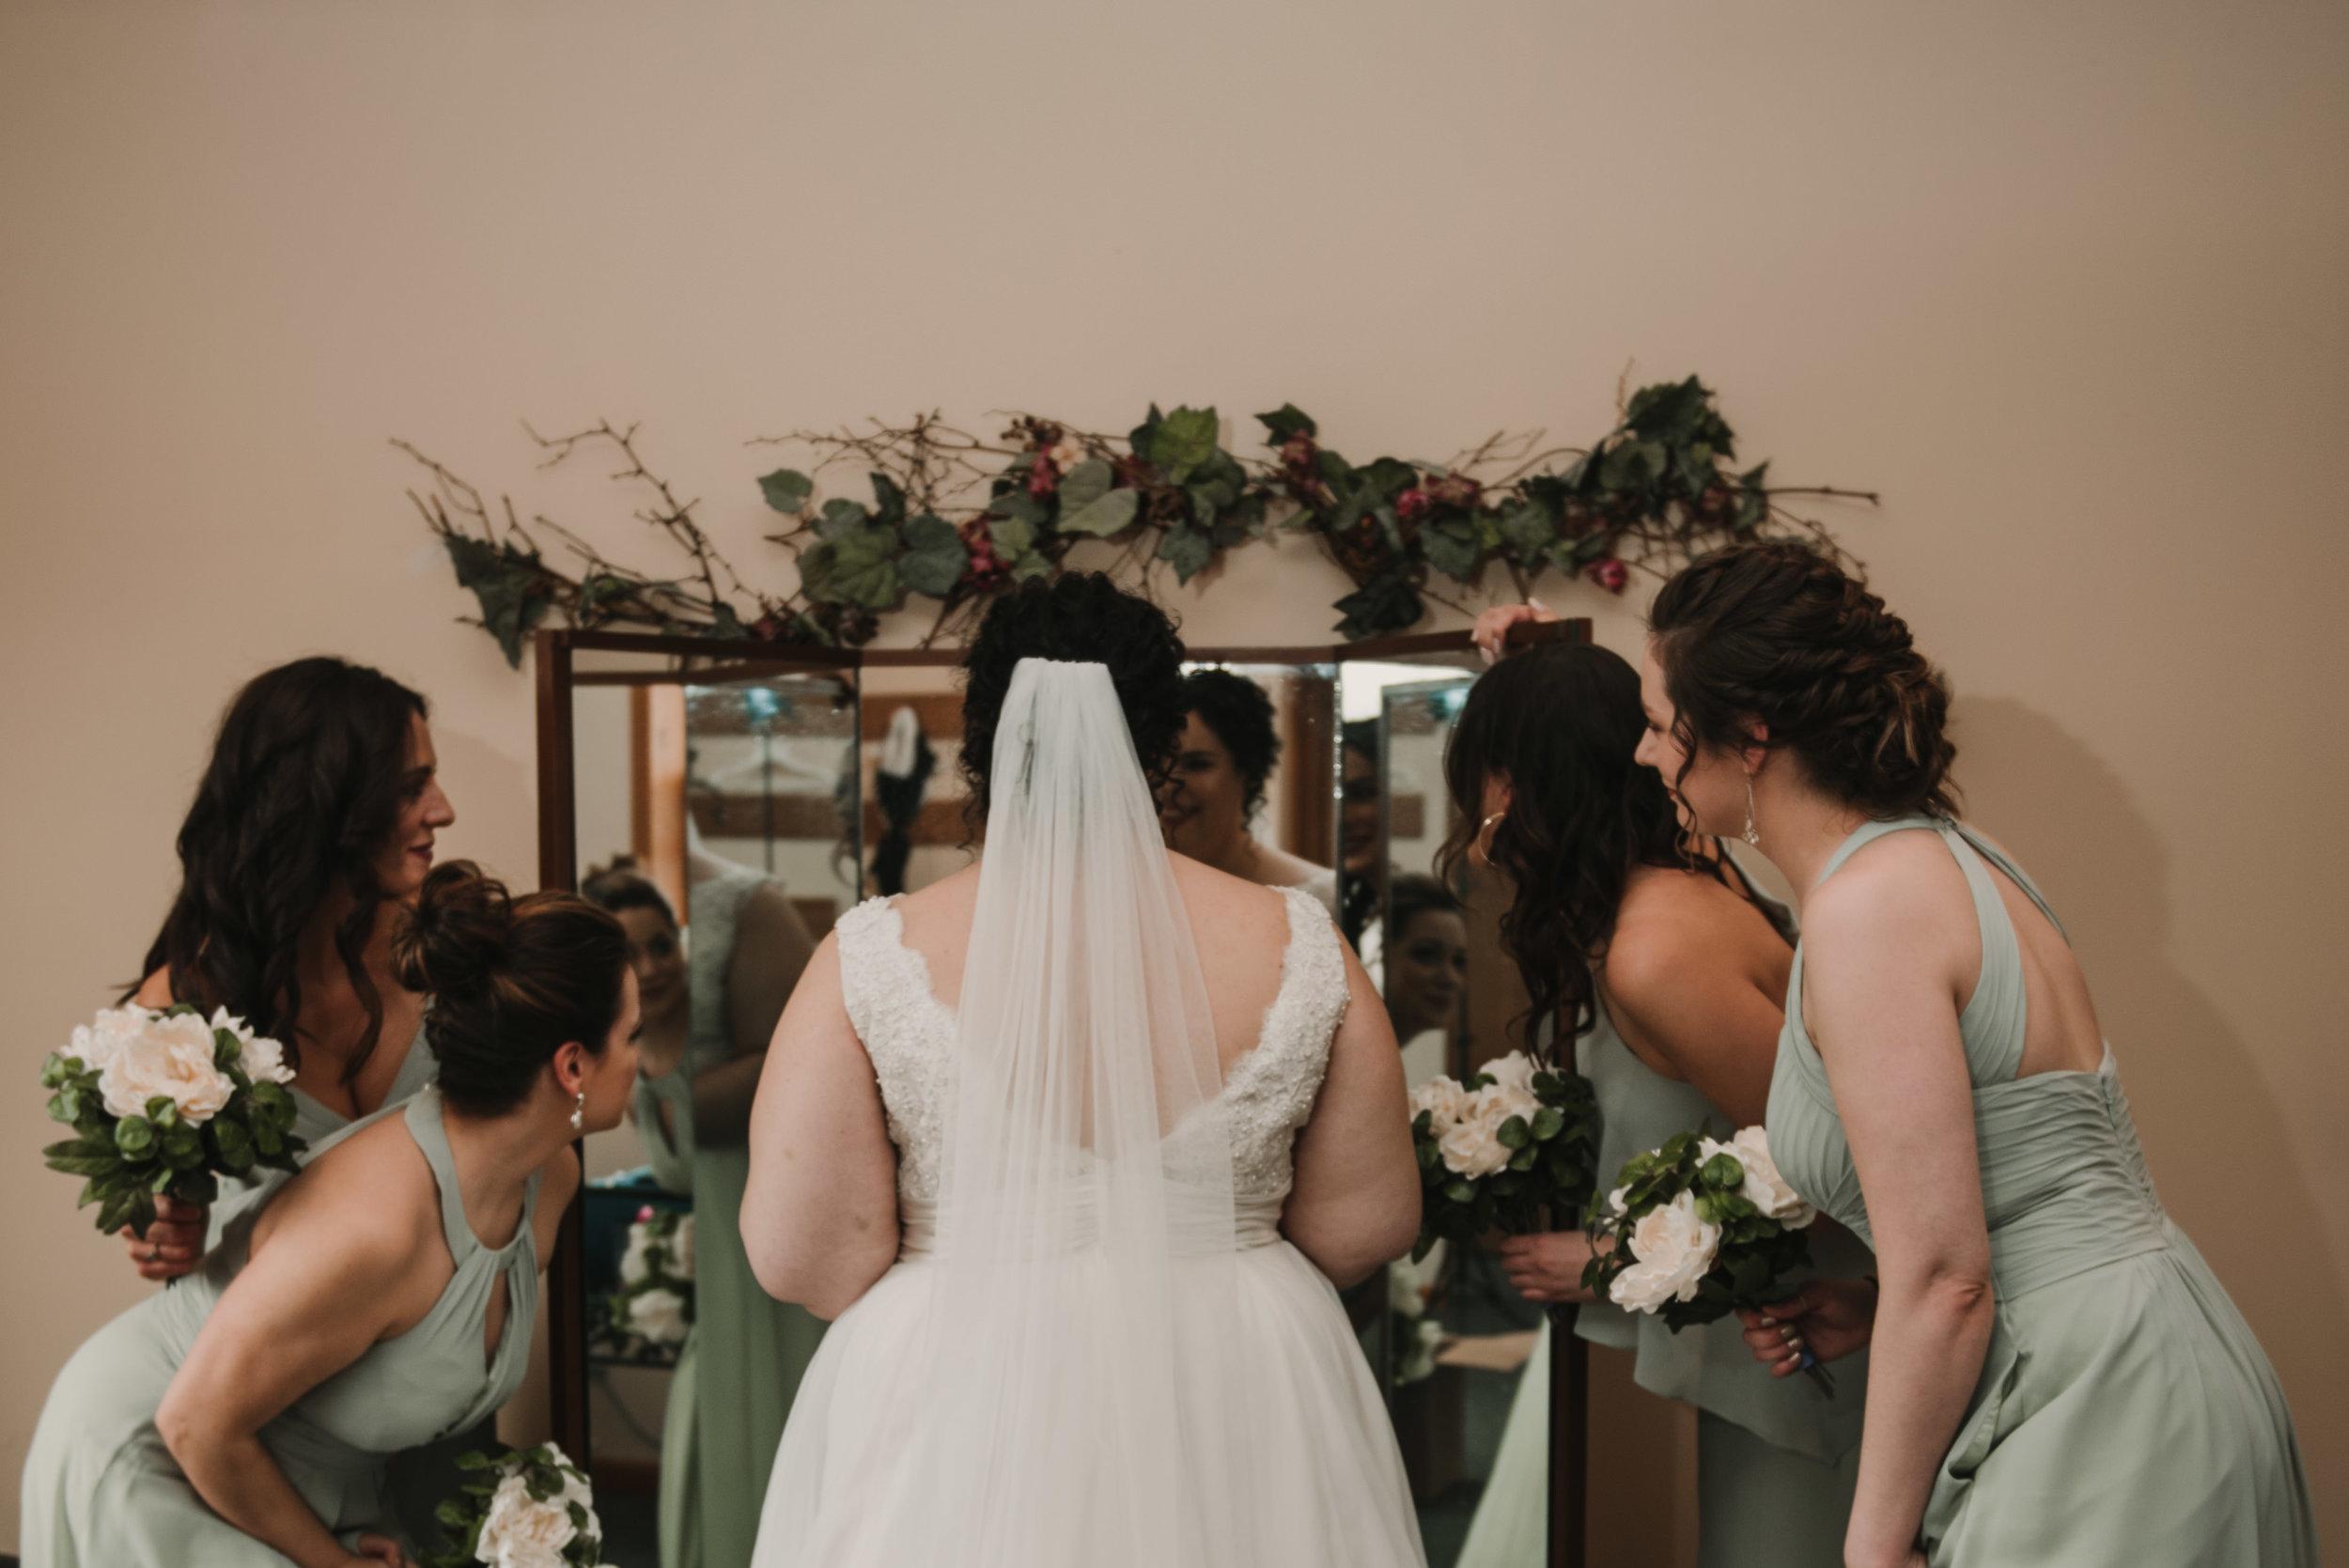 Bride and bridesmaids looking at bride in the mirror.